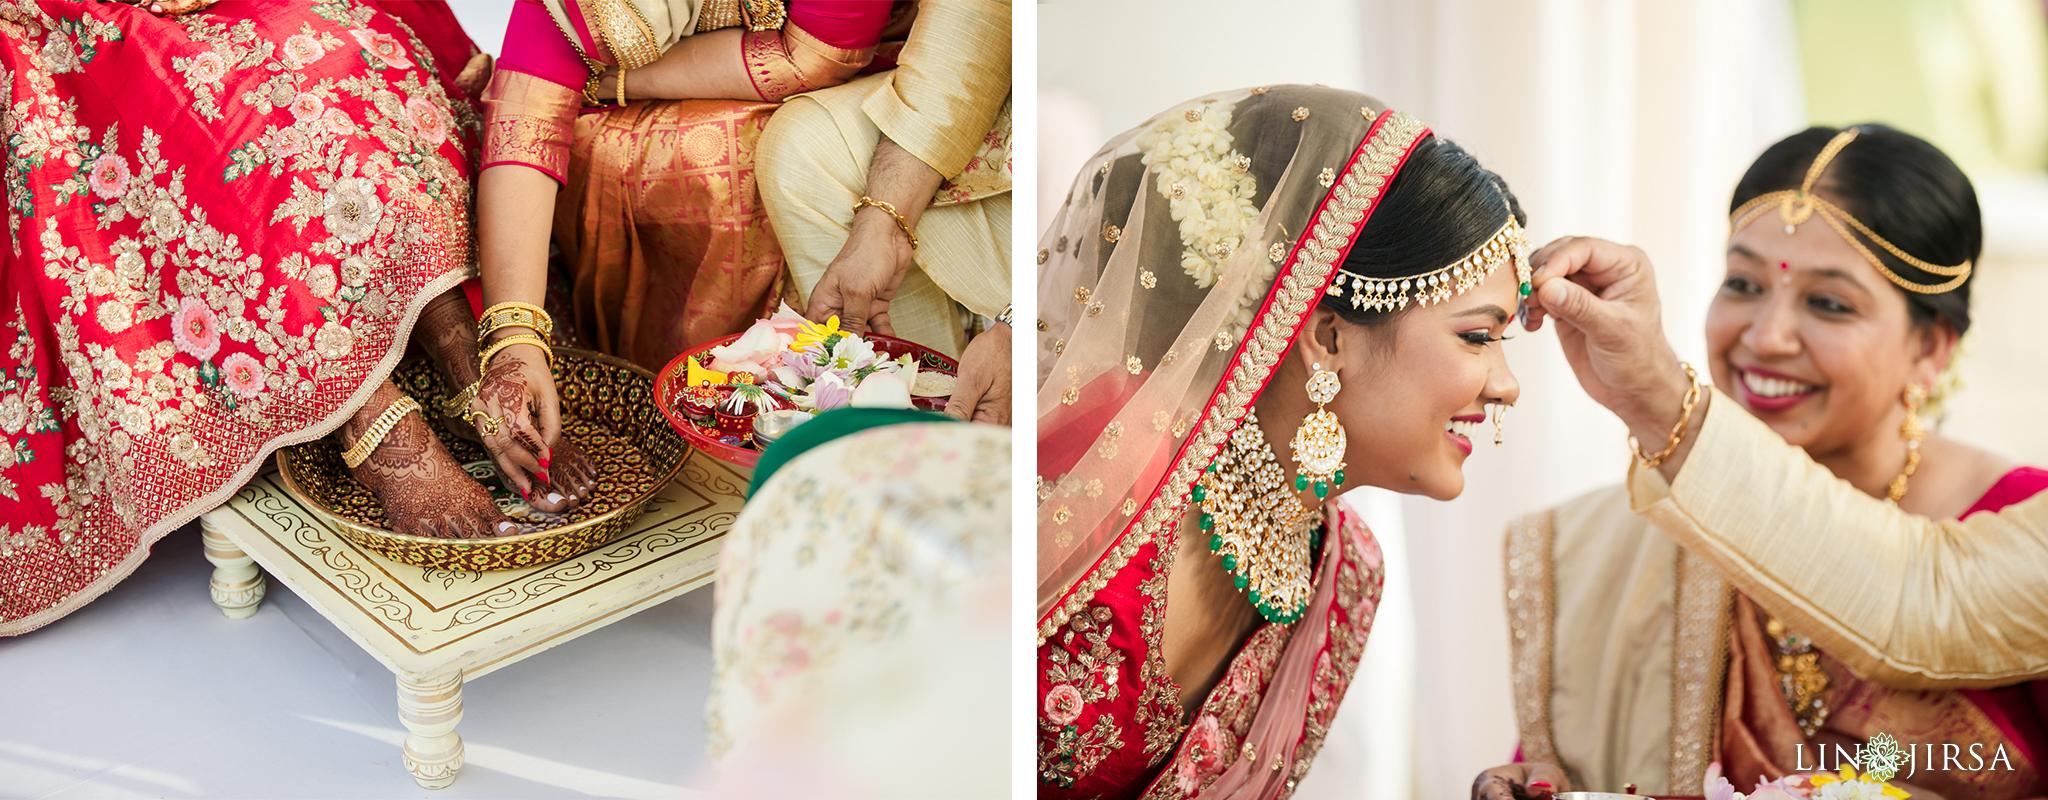 20 The Hilton Orlando Florida Indian Wedding Photography